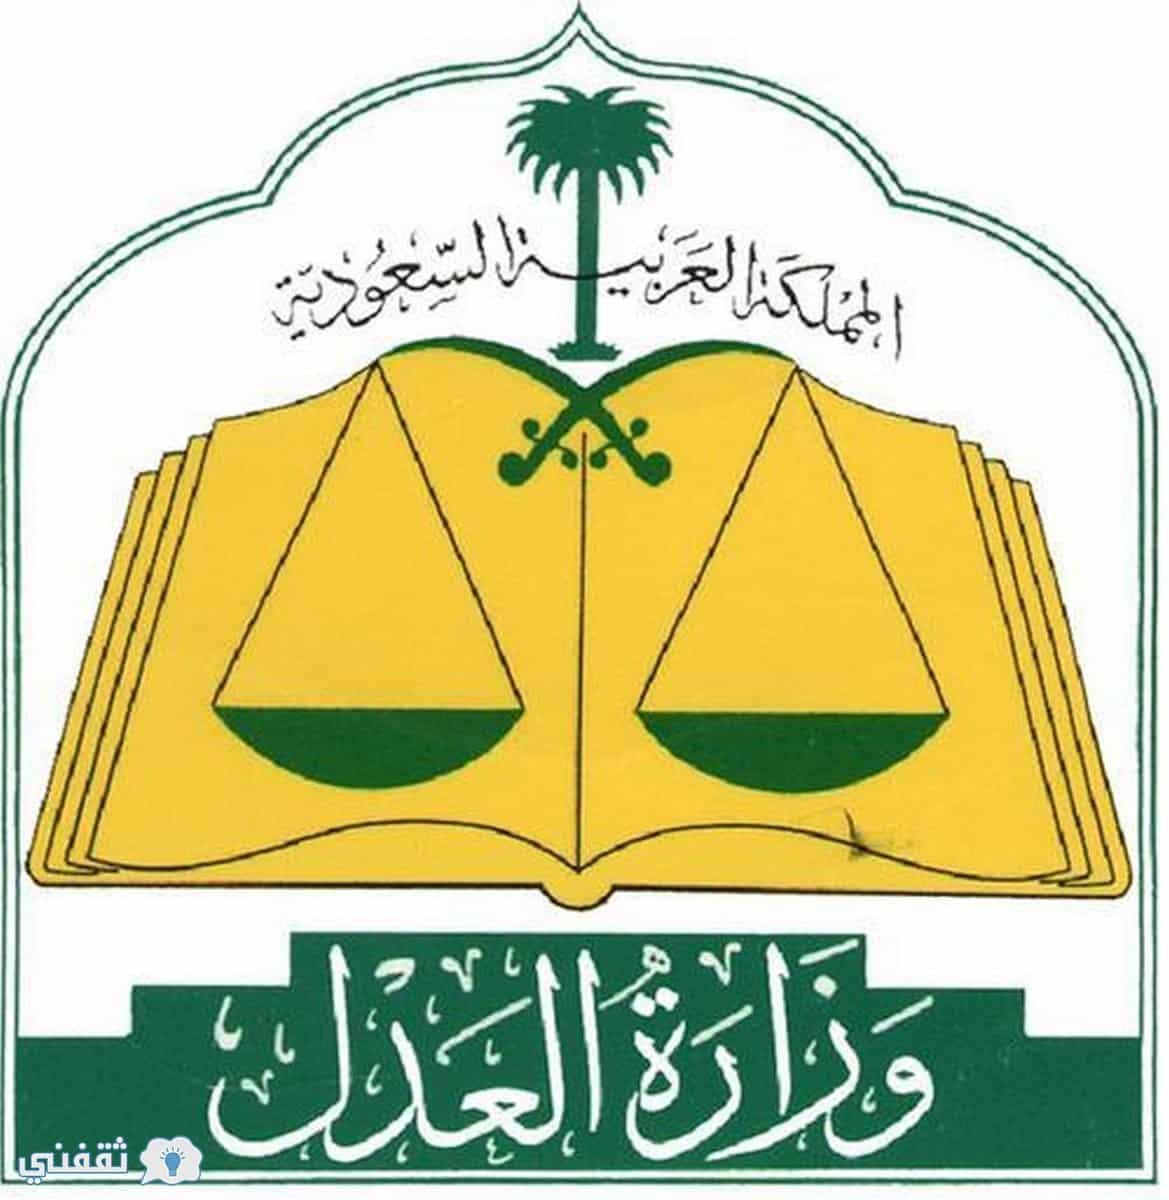 بشرى سارة: إلغاء العمل بأحكام بيت الطاعة بقرار من وزارة العدل السعودية